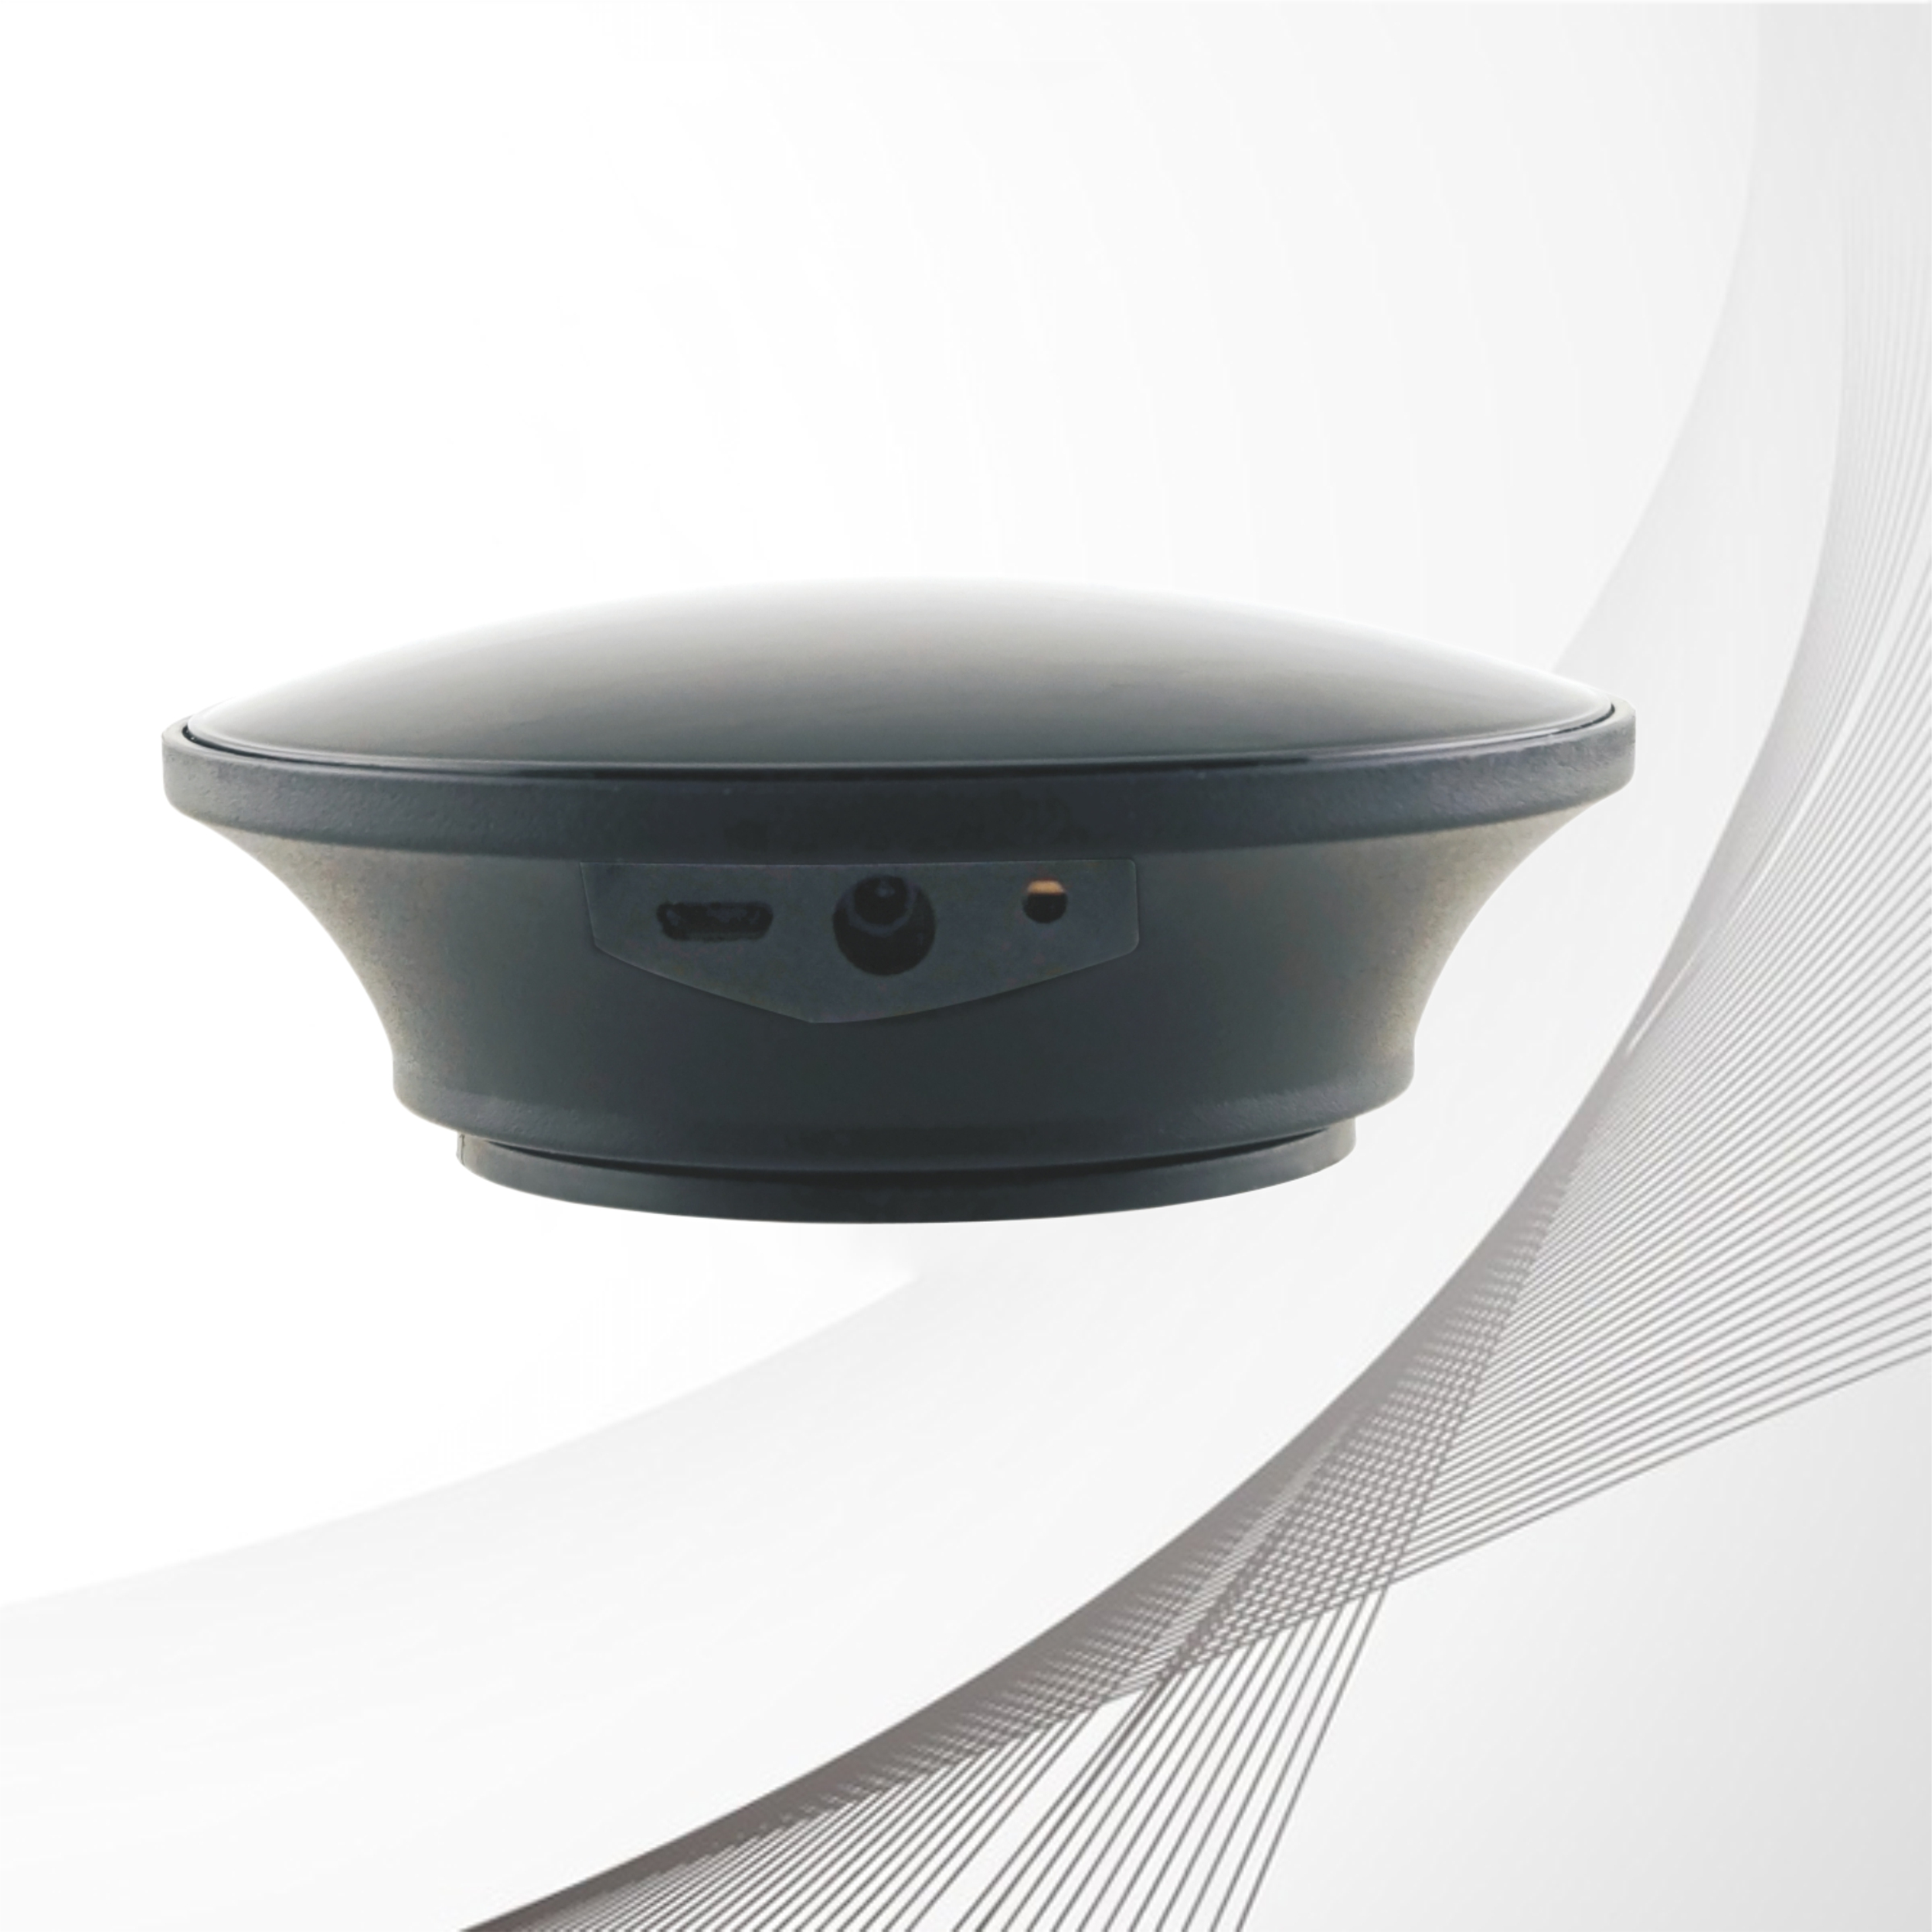 Sinovision Smart IR Remote